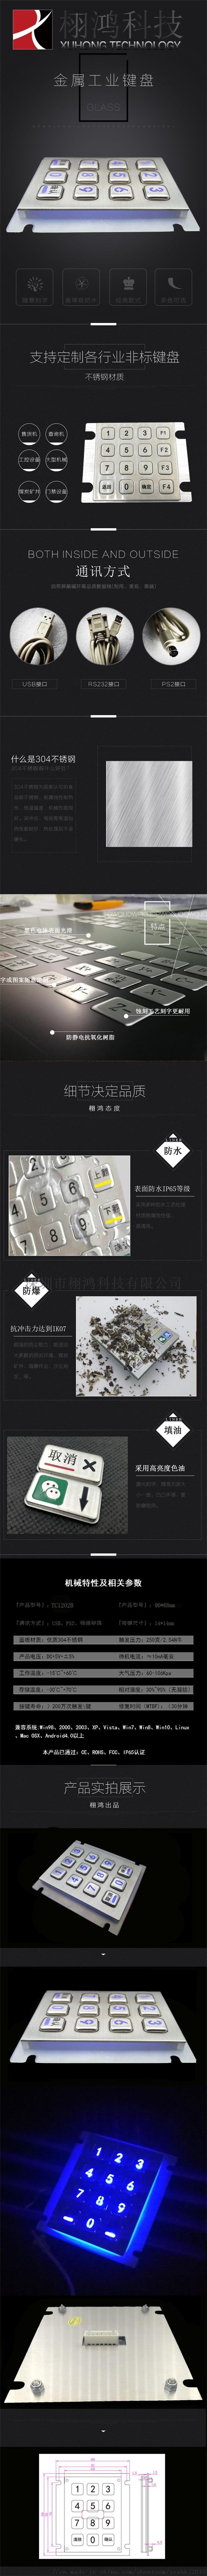 專業定製金屬工業鍵盤88047725